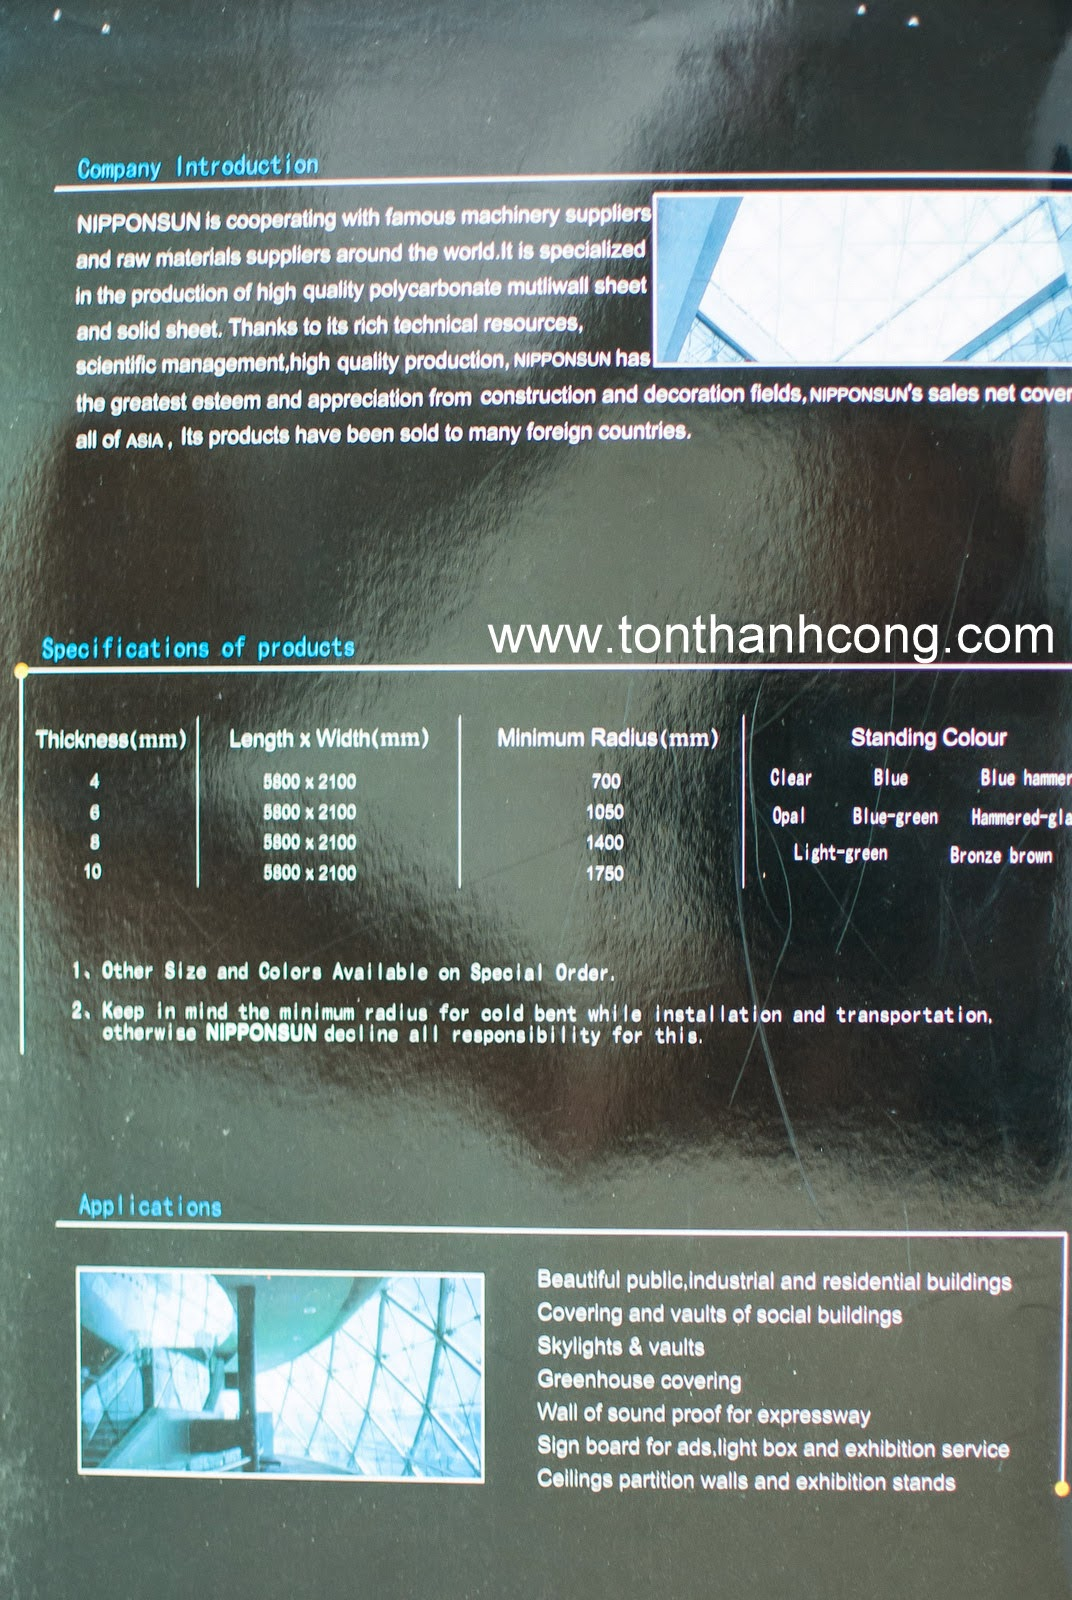 Catalogue Tấm Lấy Sáng Polycarbonate Rỗng Ruột NIPPON - Trang 3